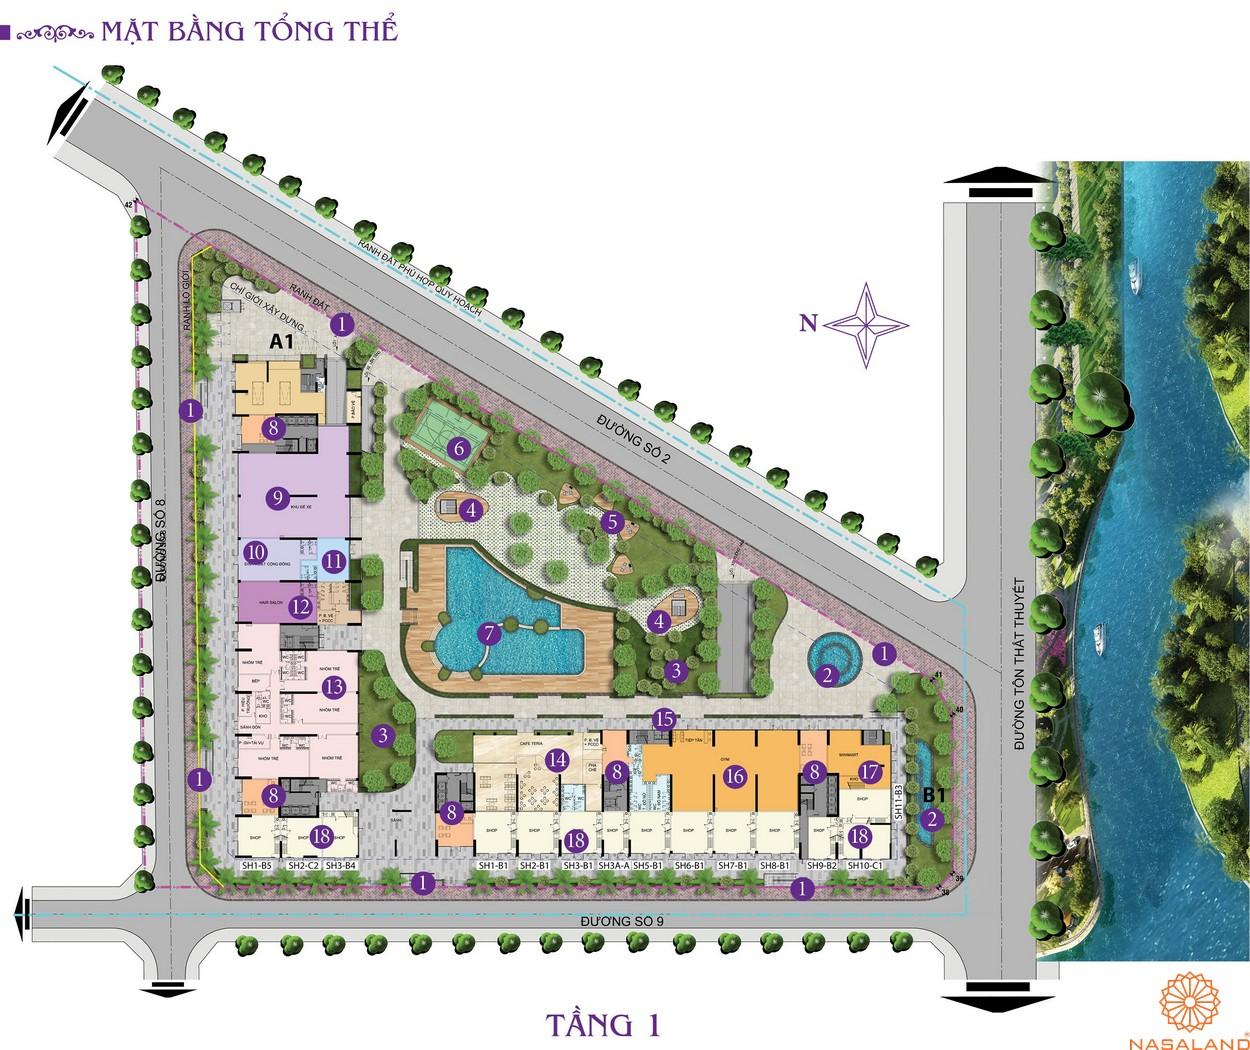 Mặt bằng chi tiết tầng 1 căn hộ Charmington Iris 2020